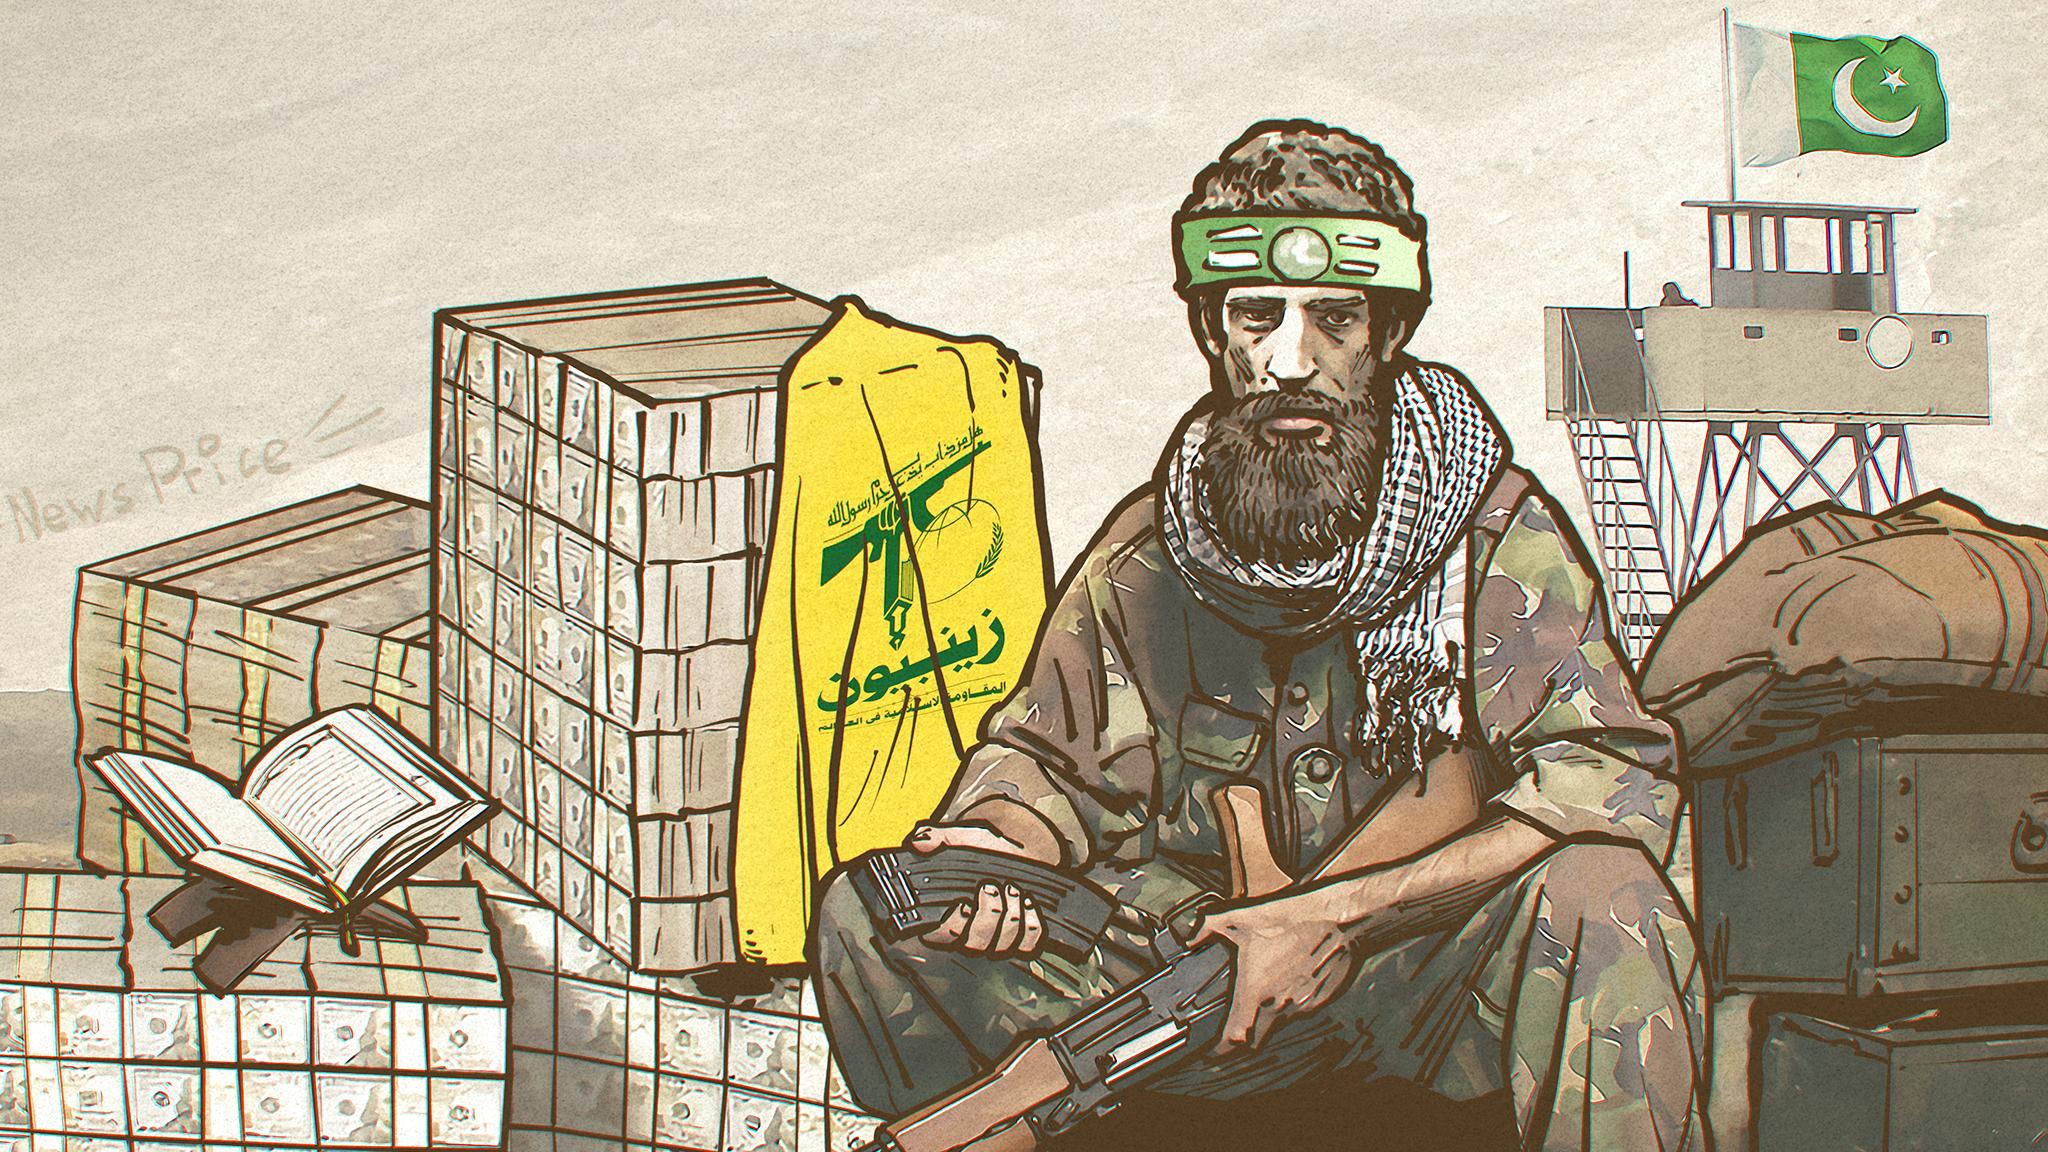 Проиранская бригада «Зейнабиюн» может стать новым вызовом национальной безопасности Пакистана